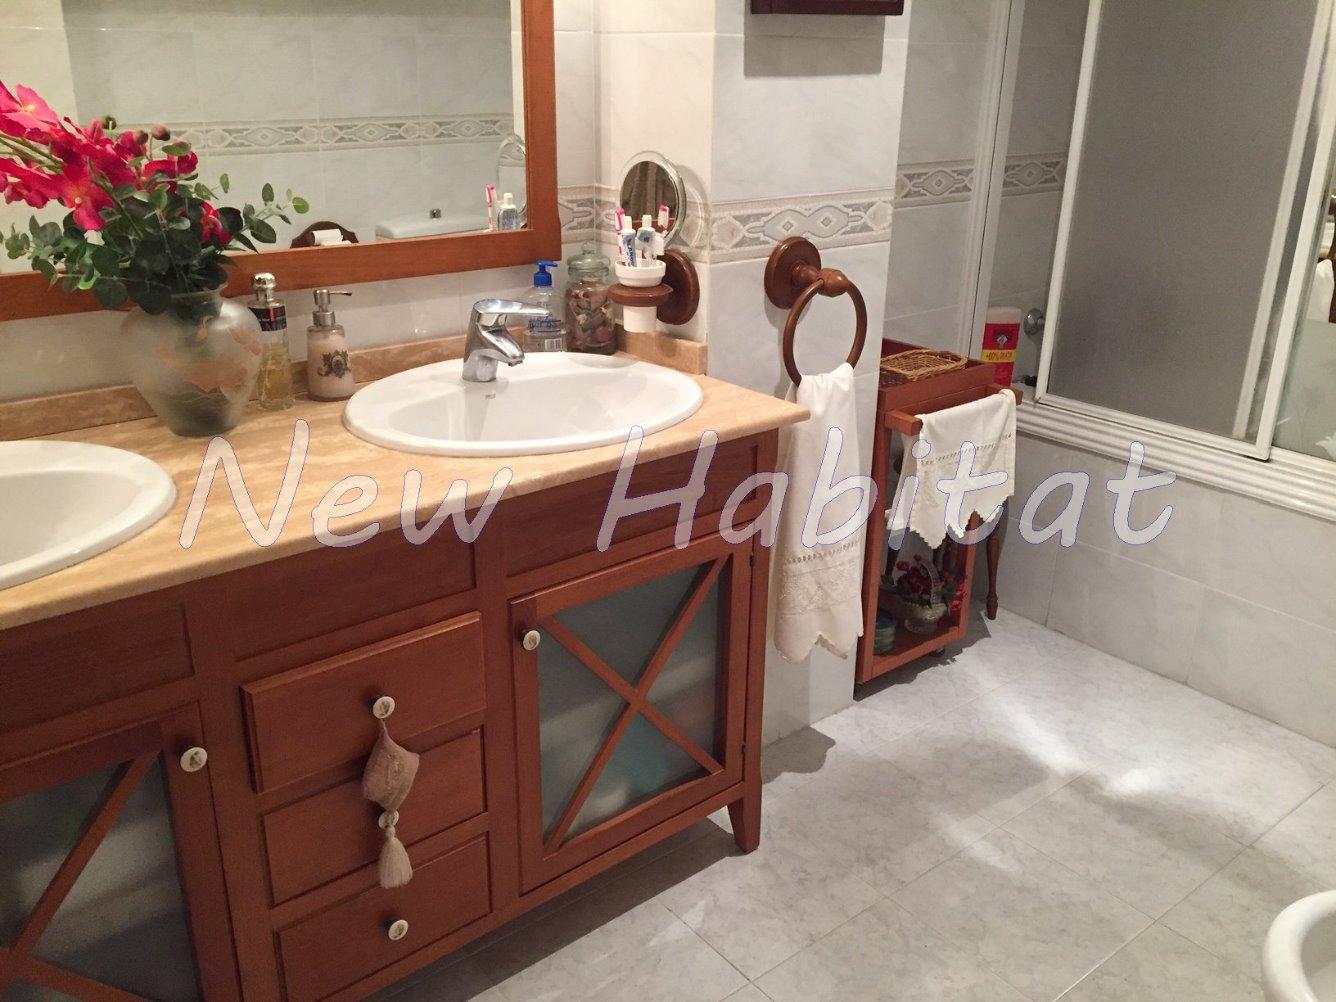 Muebles de segunda mano corua good mueble de comedor o salon with muebles de segunda mano corua - Muebles segunda mano coruna ...